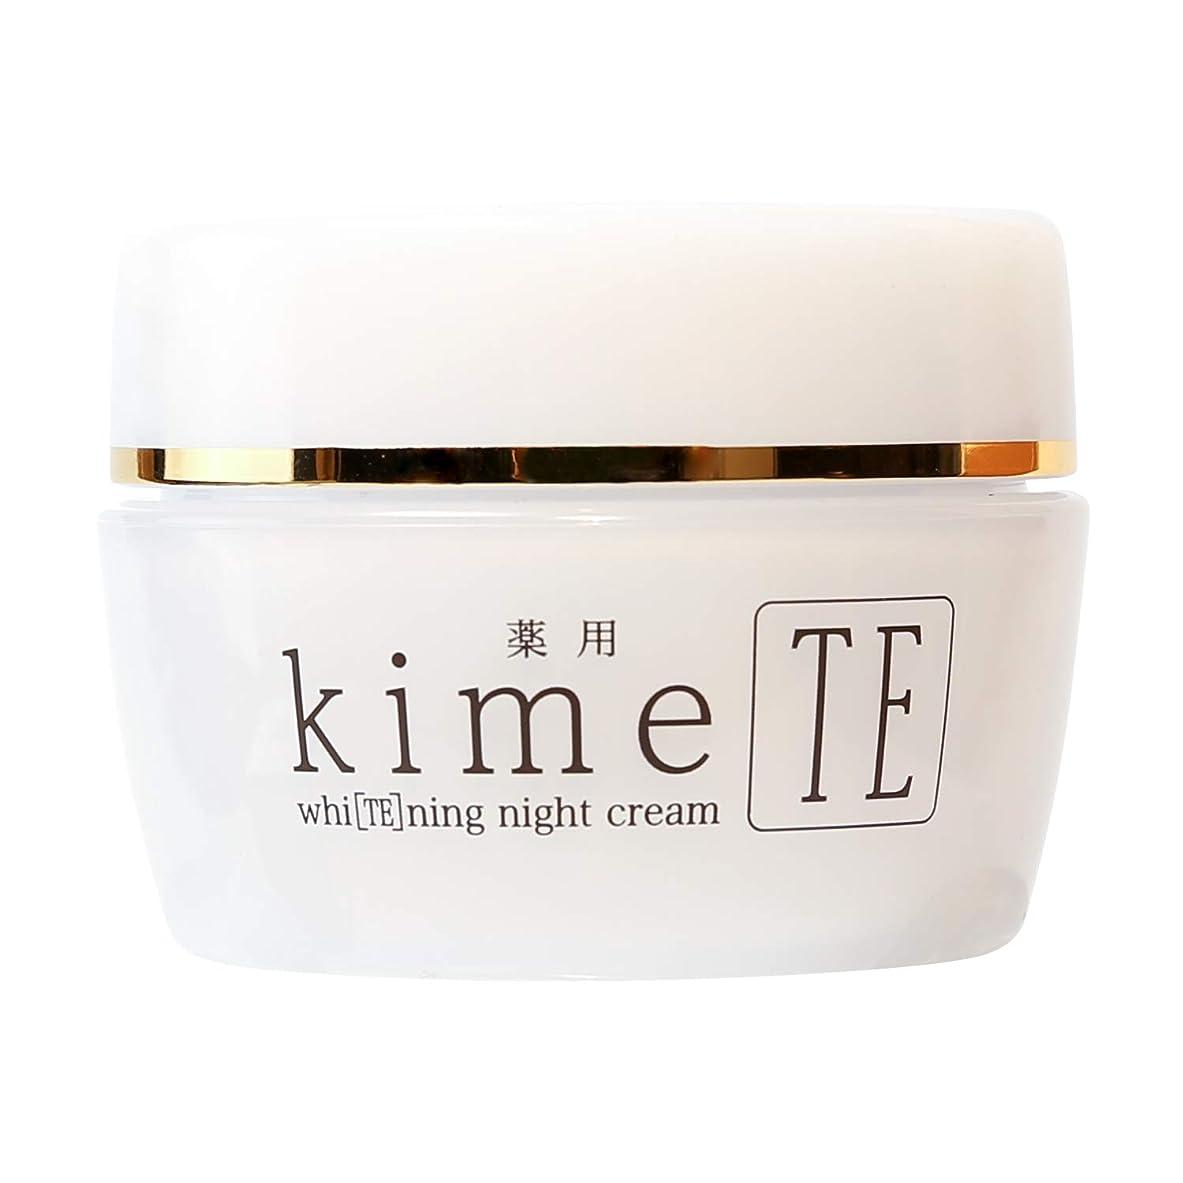 常習者魅惑的な素晴らしさ【スペシャルアプローチ】kimeTE(キメテ)美白 保湿 無添加 ハンドケア 薬用ホワイトニングクリーム